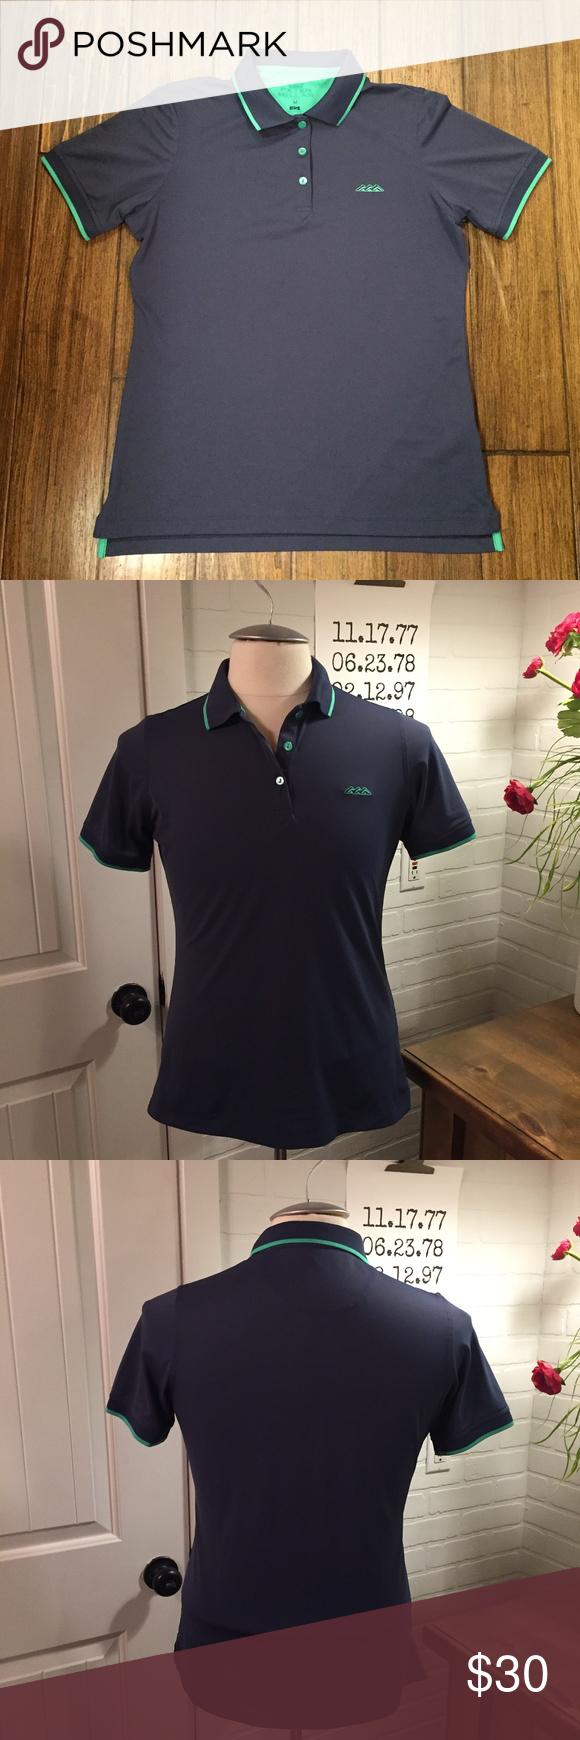 Peter Millar E4 Wicking Golf Polo Shirt Medium Golf polo